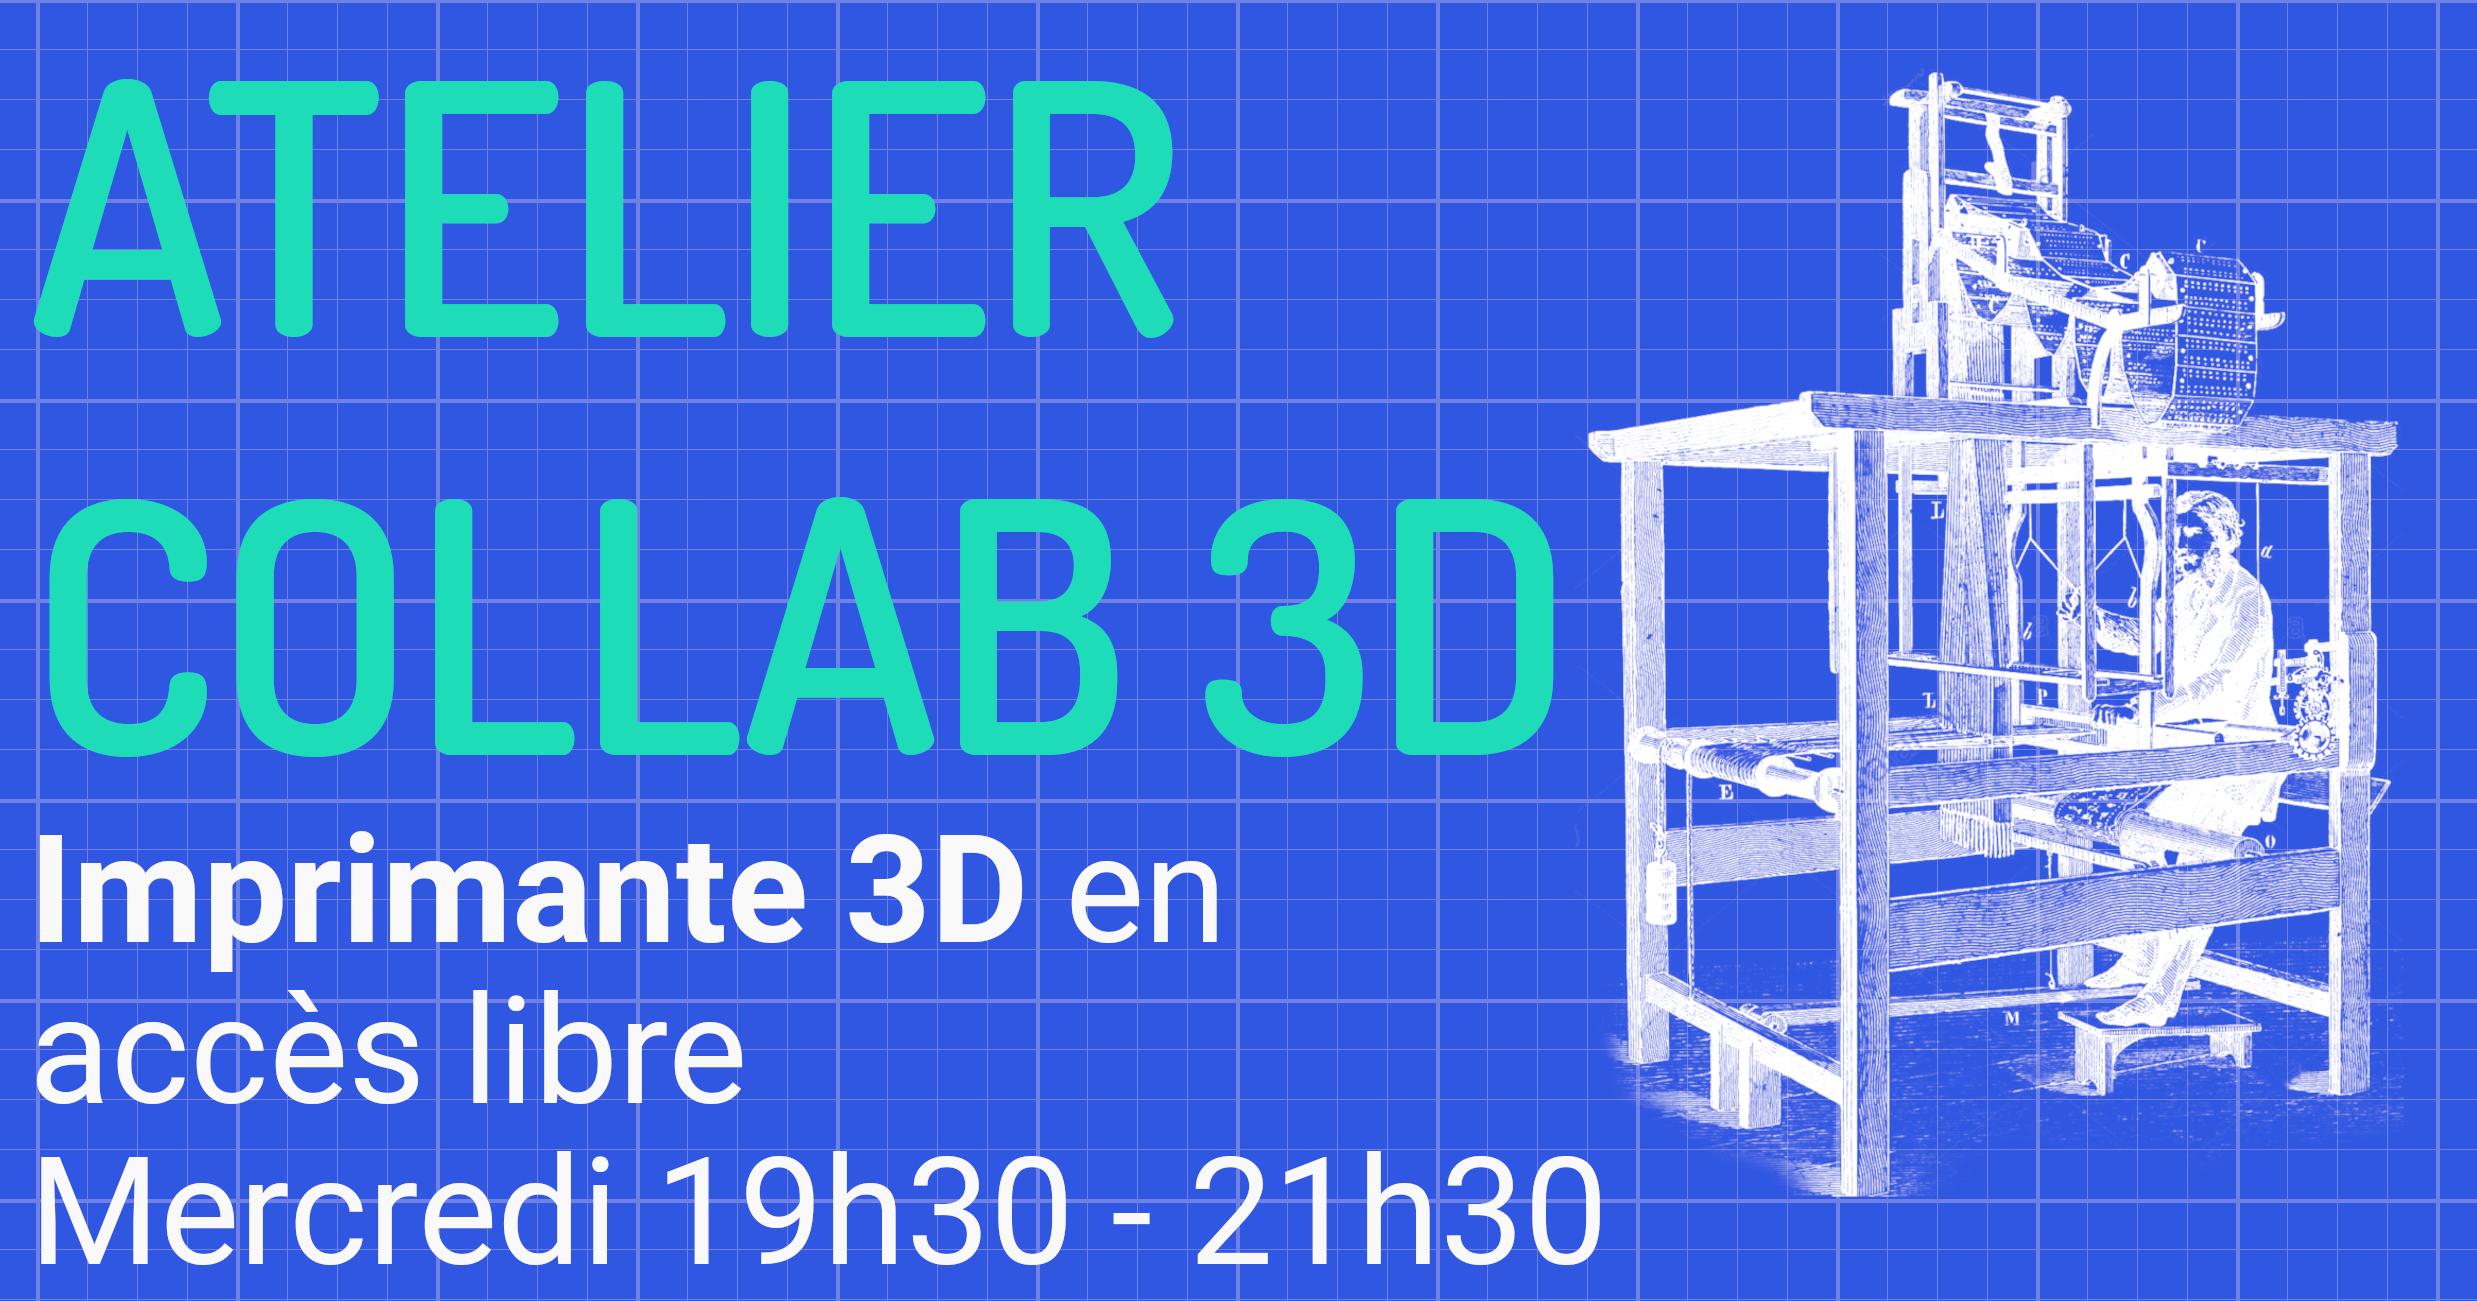 Ateliers collab 3D – 7 octobre